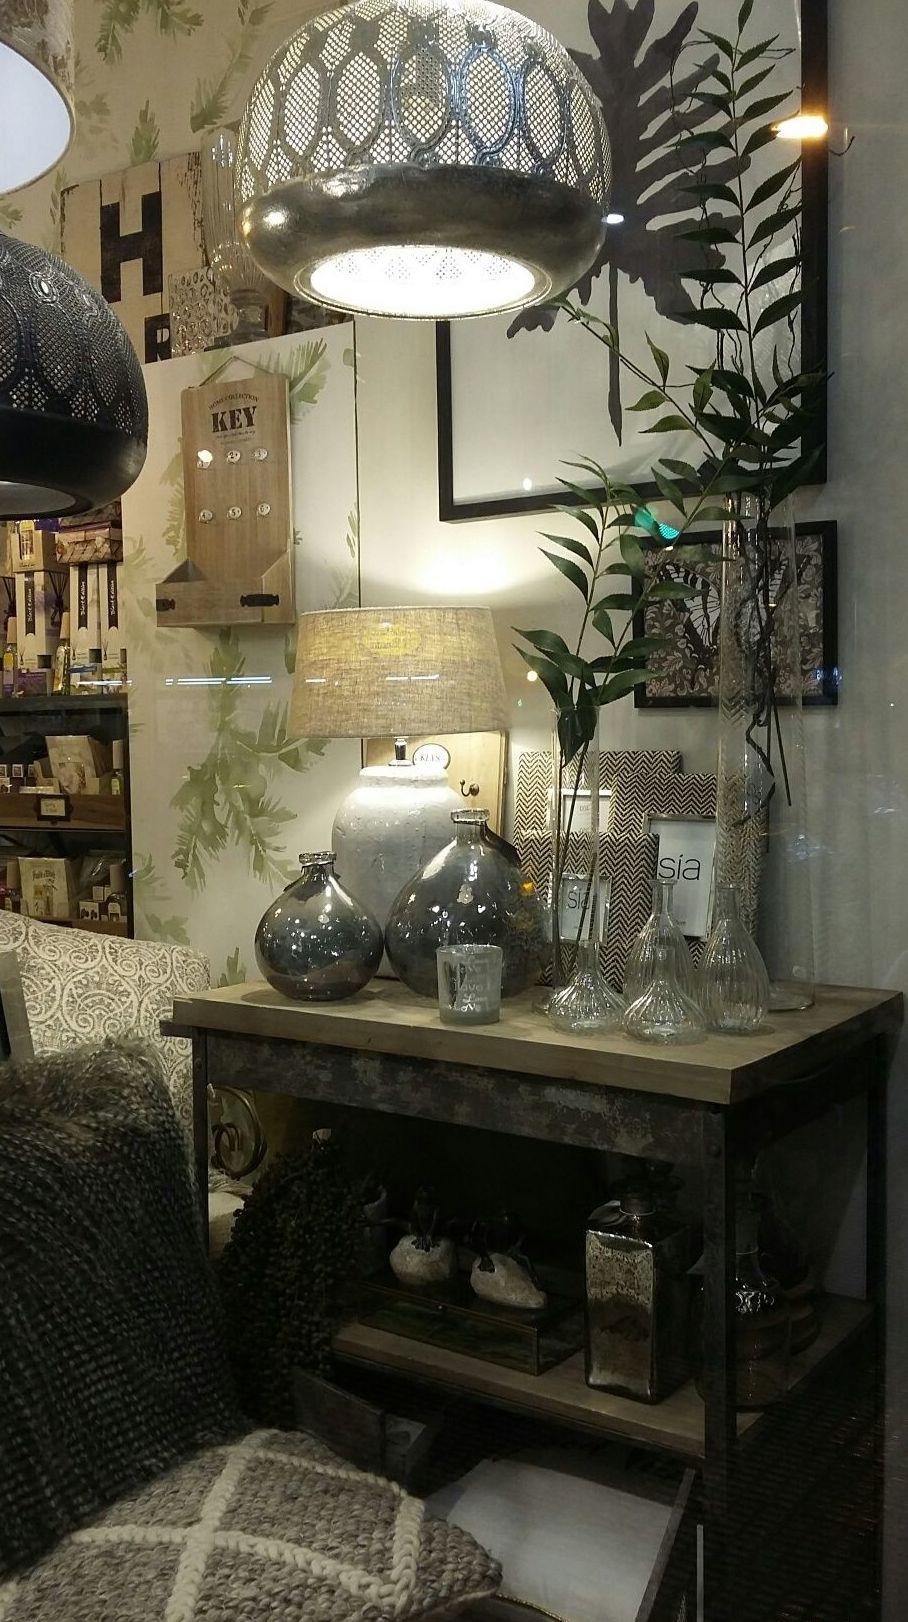 Foto 26 de Muebles y decoración en Zaragoza | S de Susana Decoración